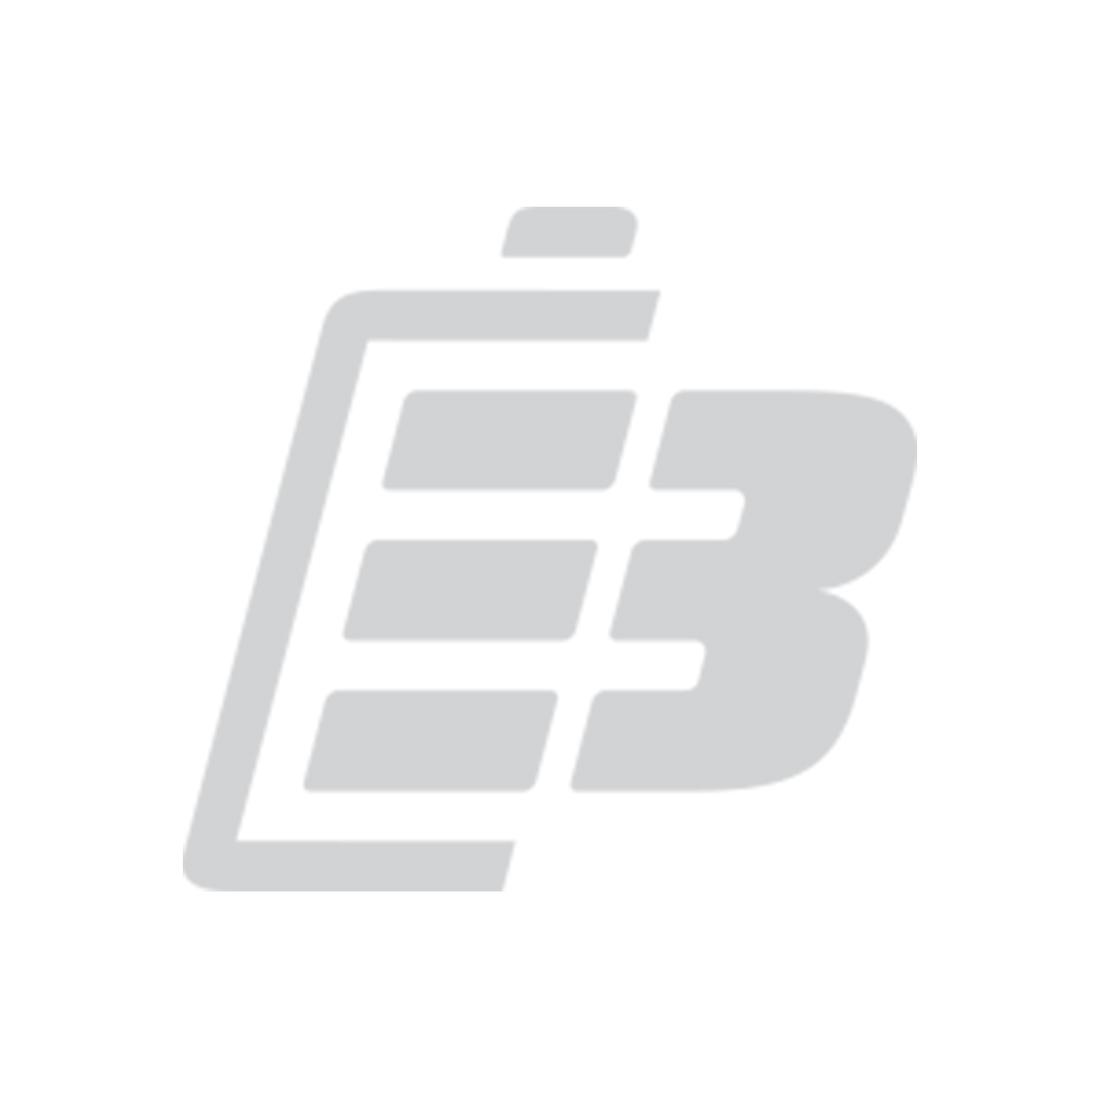 Μπαταρία remote control Logitech Harmony 1000 _1